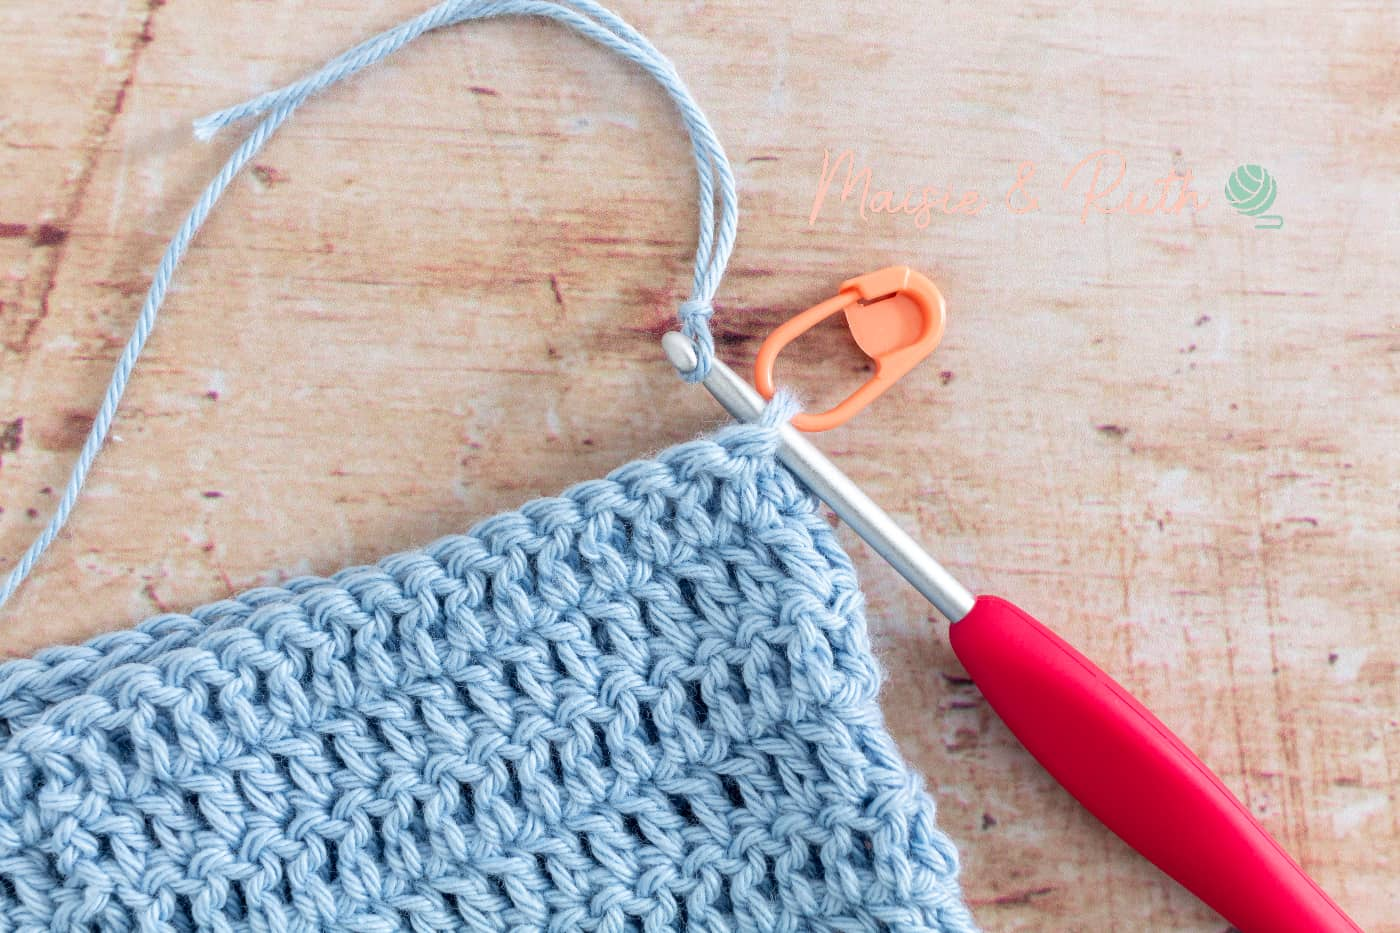 Attaching yarn